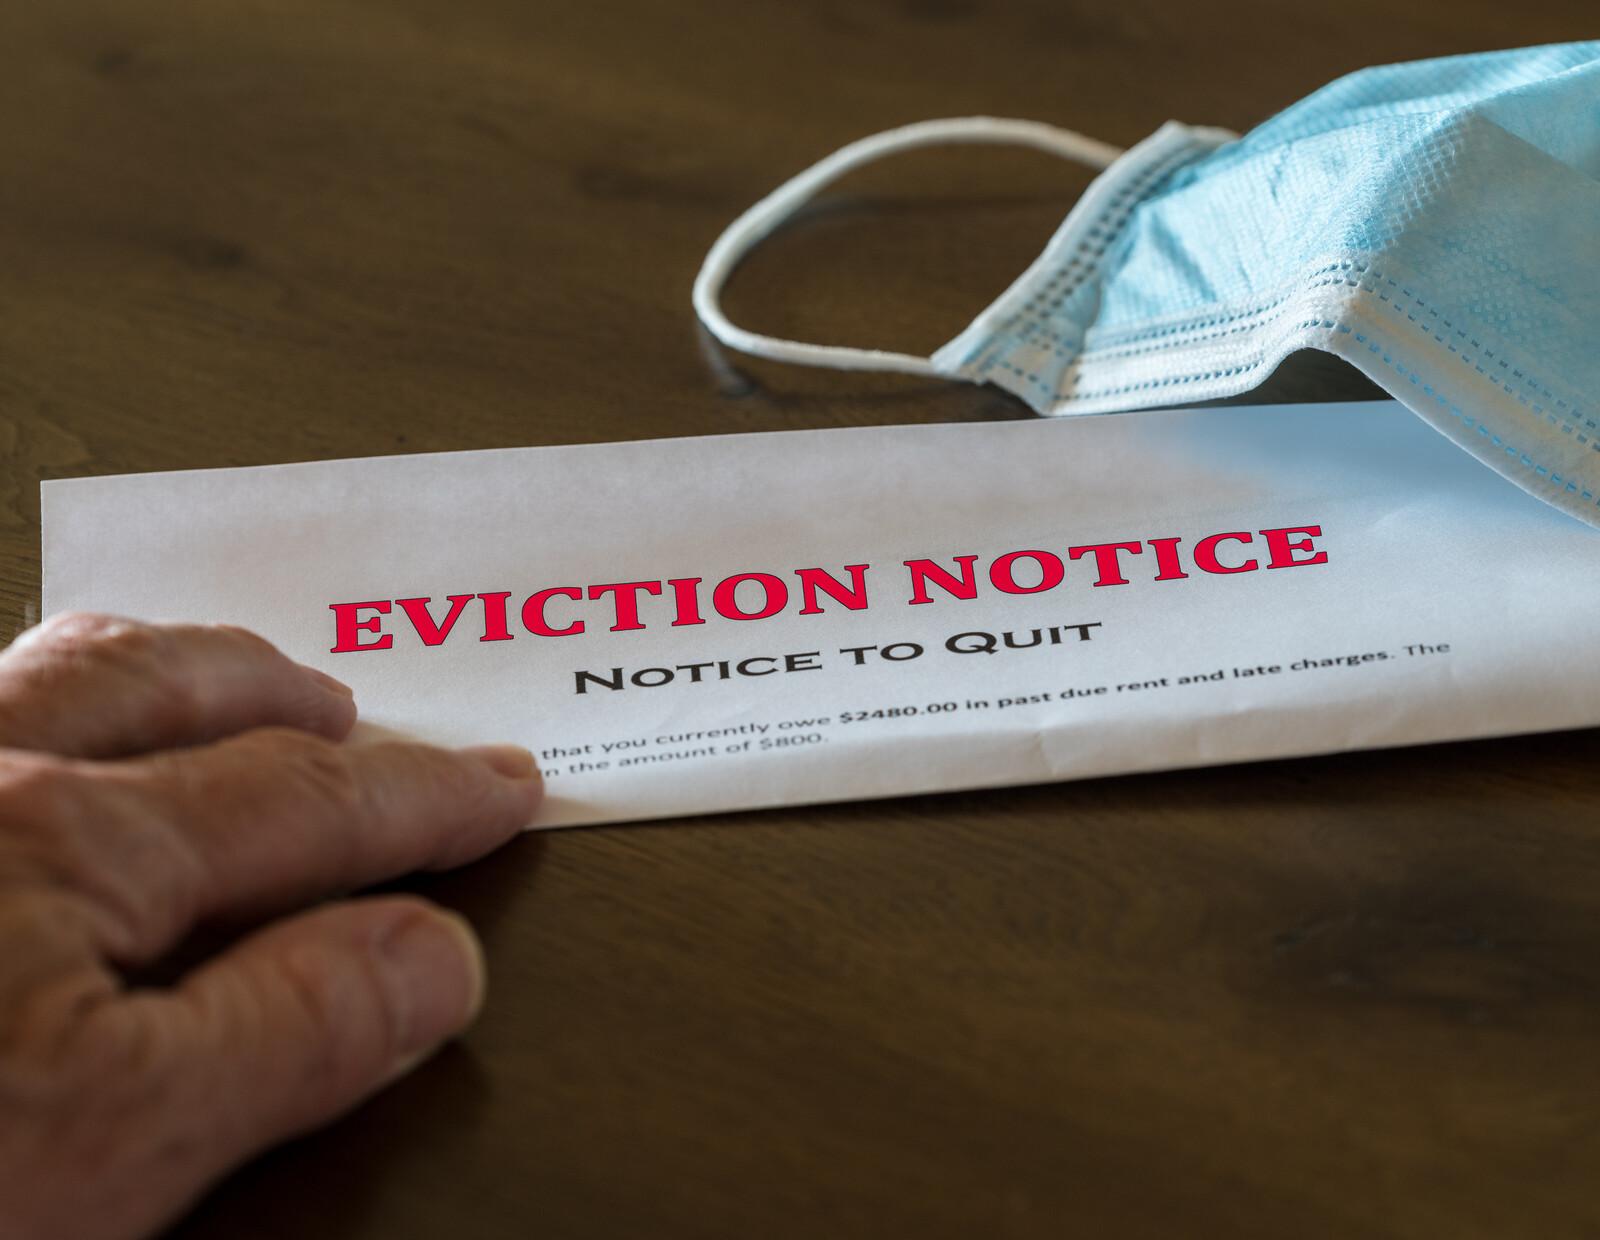 OKC eviction process | OKC Property Manager